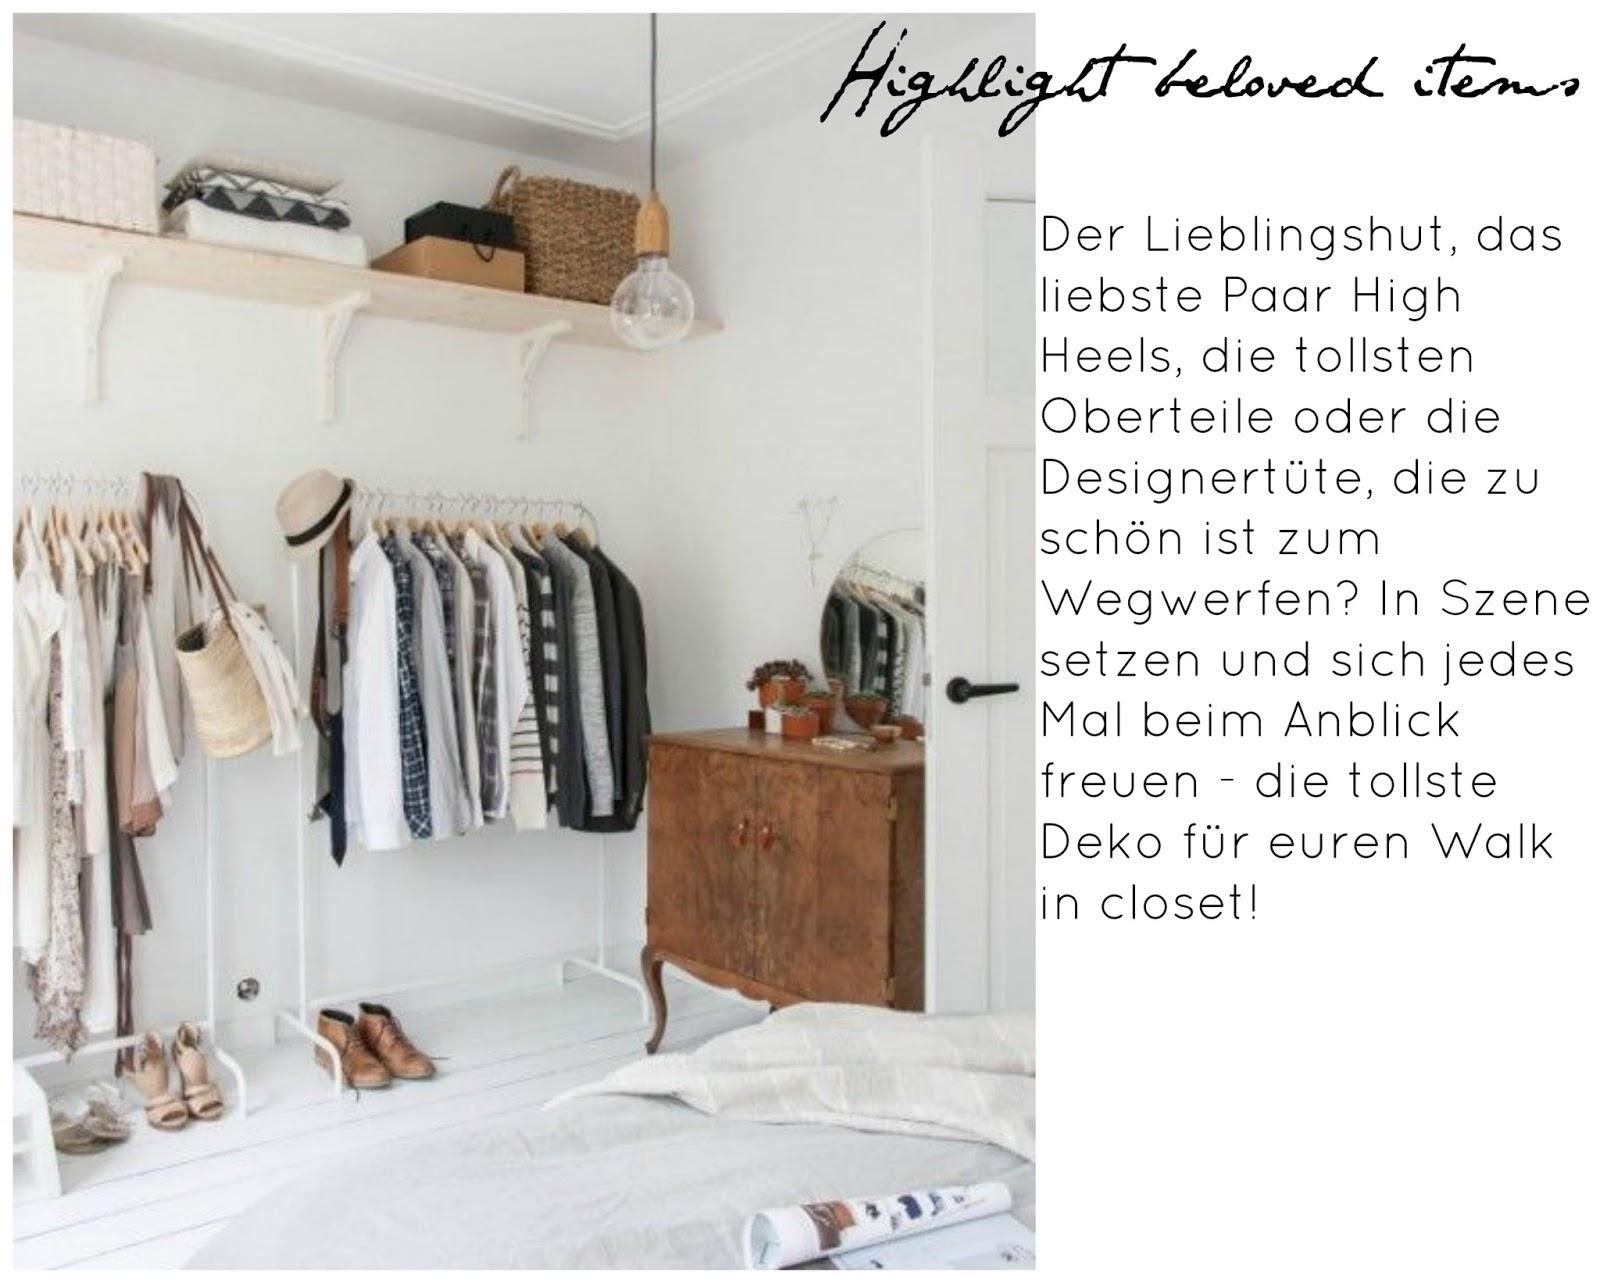 7 ideas inspirations walk in closet begehbarer kleiderschrank regalraum regalsystem http://theblondelion.blogspot.com/2015/01/interior-ideas-walk-in-closet-begehbarer-kleiderschrank.html